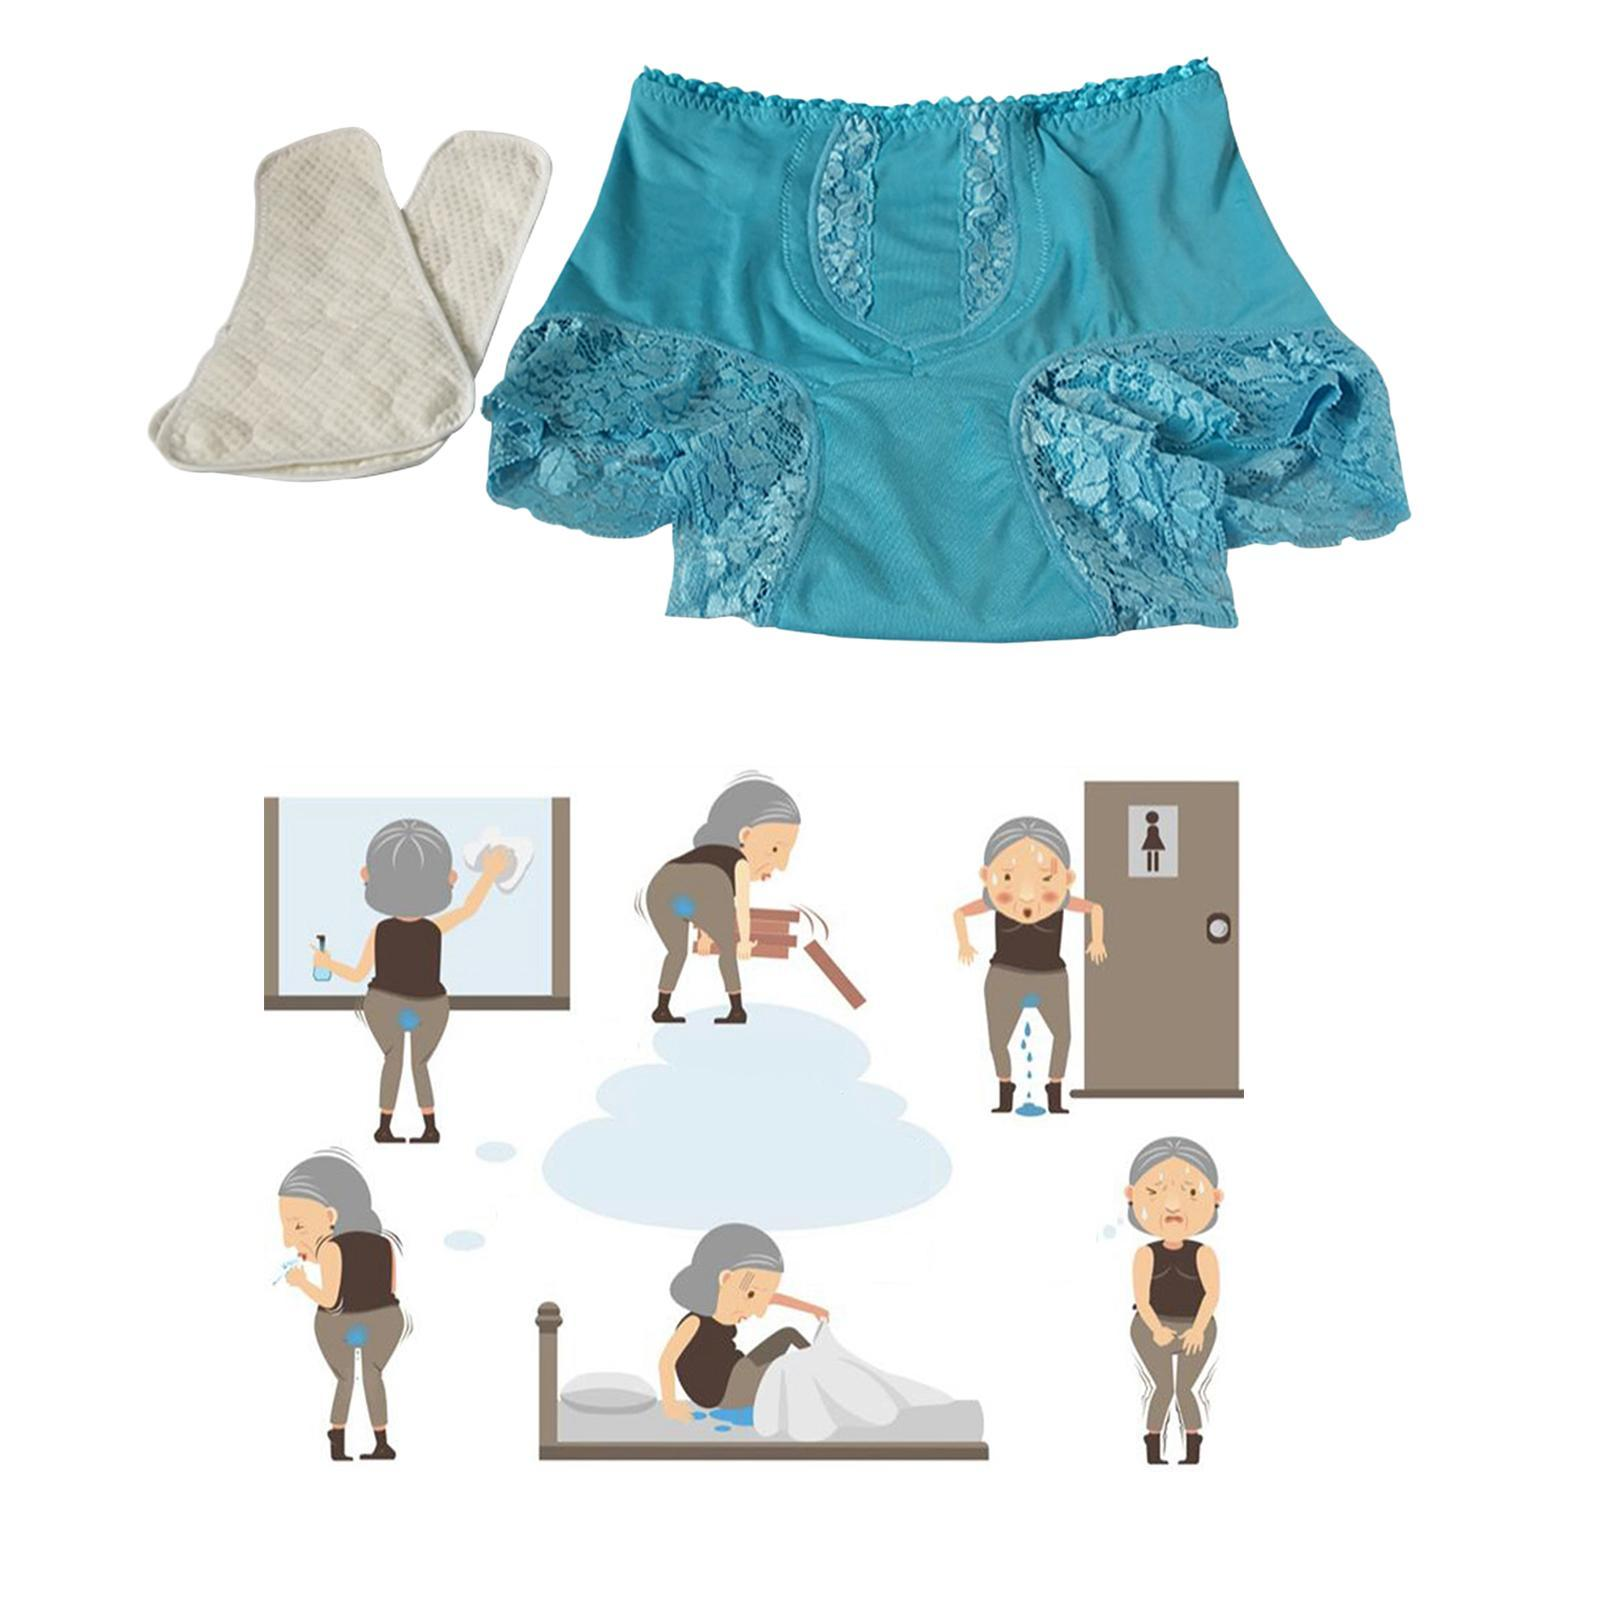 Indexbild 9 - Wiederverwendbare Inkontinenz Unterwäsche mit Pad für Frauen Menstruations